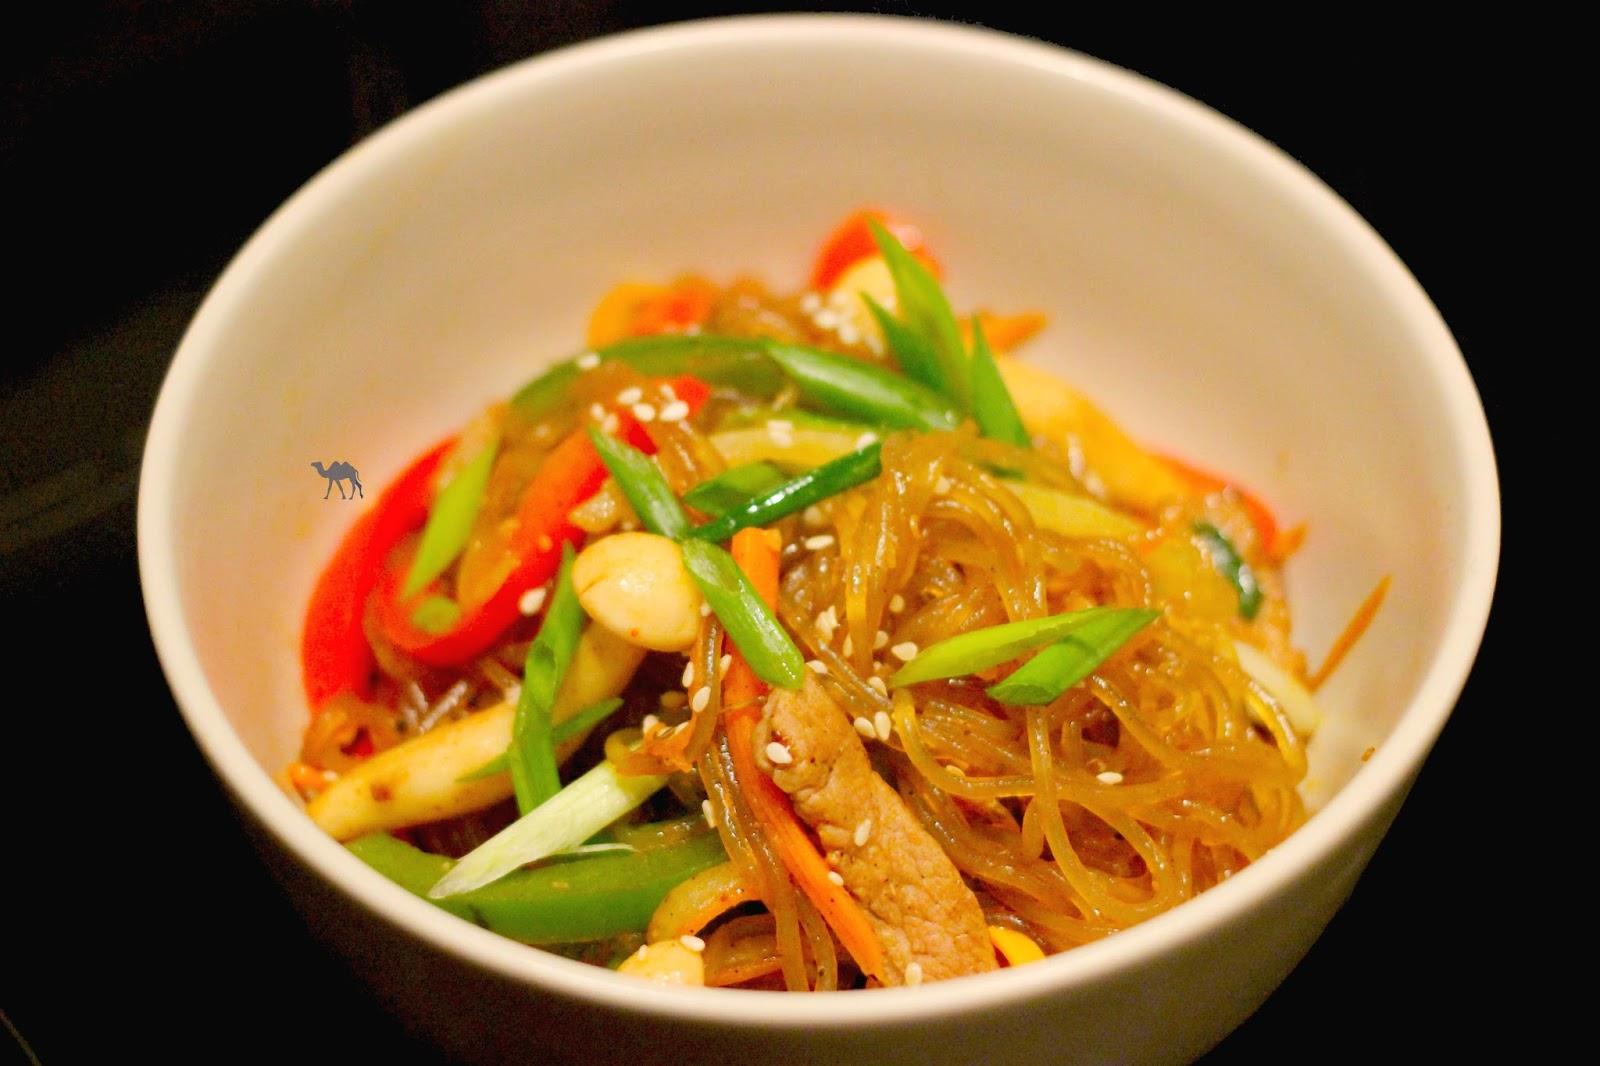 Le Chameau Bleu - Recette coréenne du Japchae - Cuisine coréenne